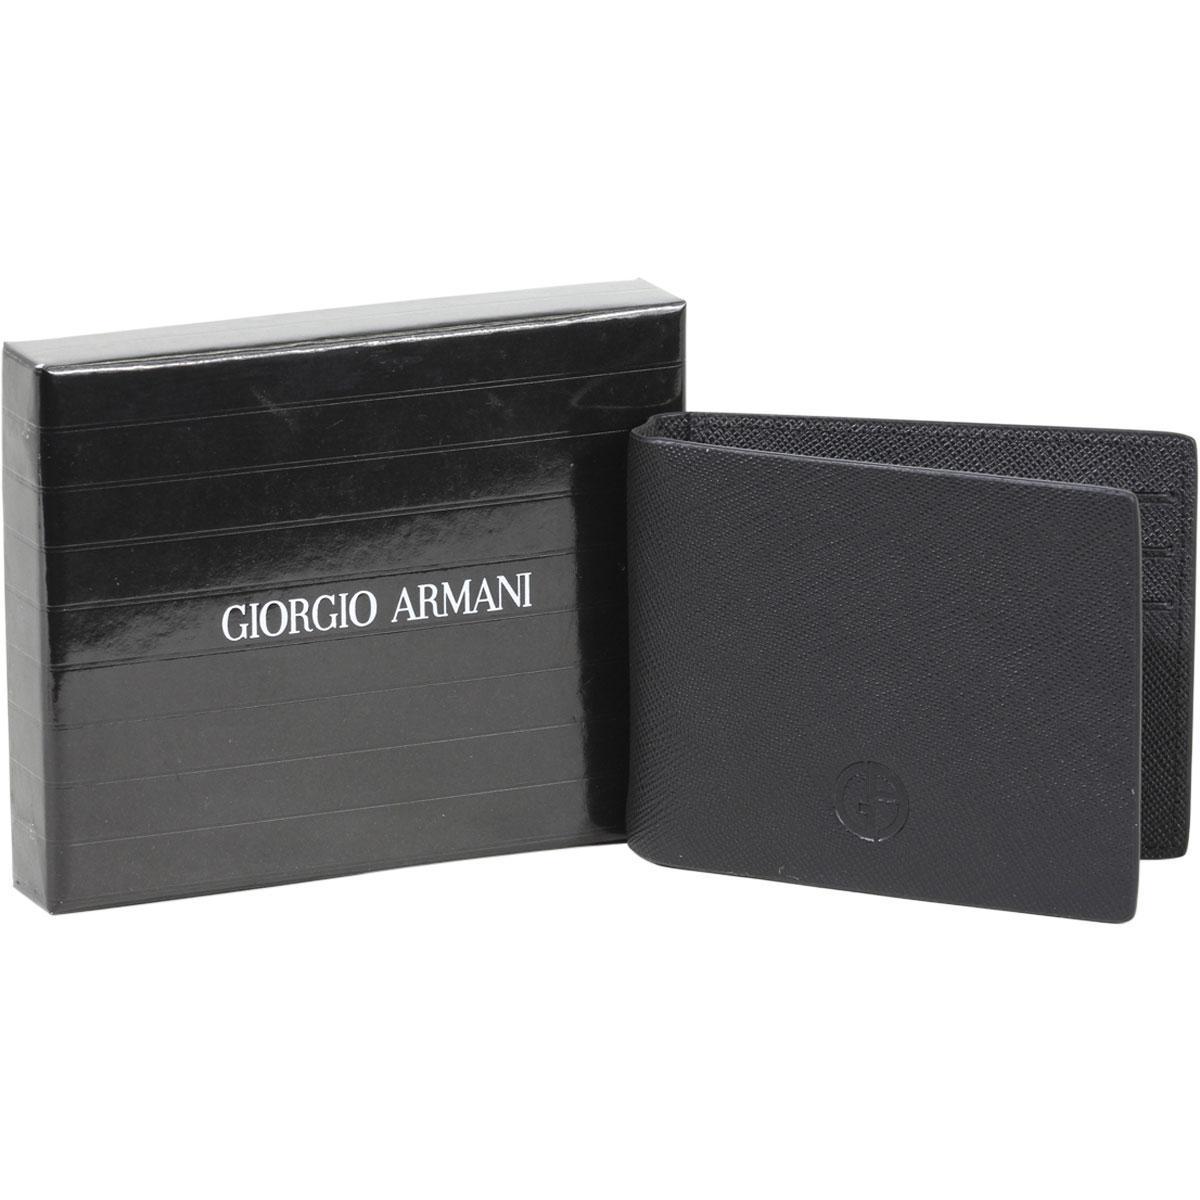 76540906dc4d Giorgio Armani Men s Genuine Saffiano Leather Bi-Fold Money Clip Wallet